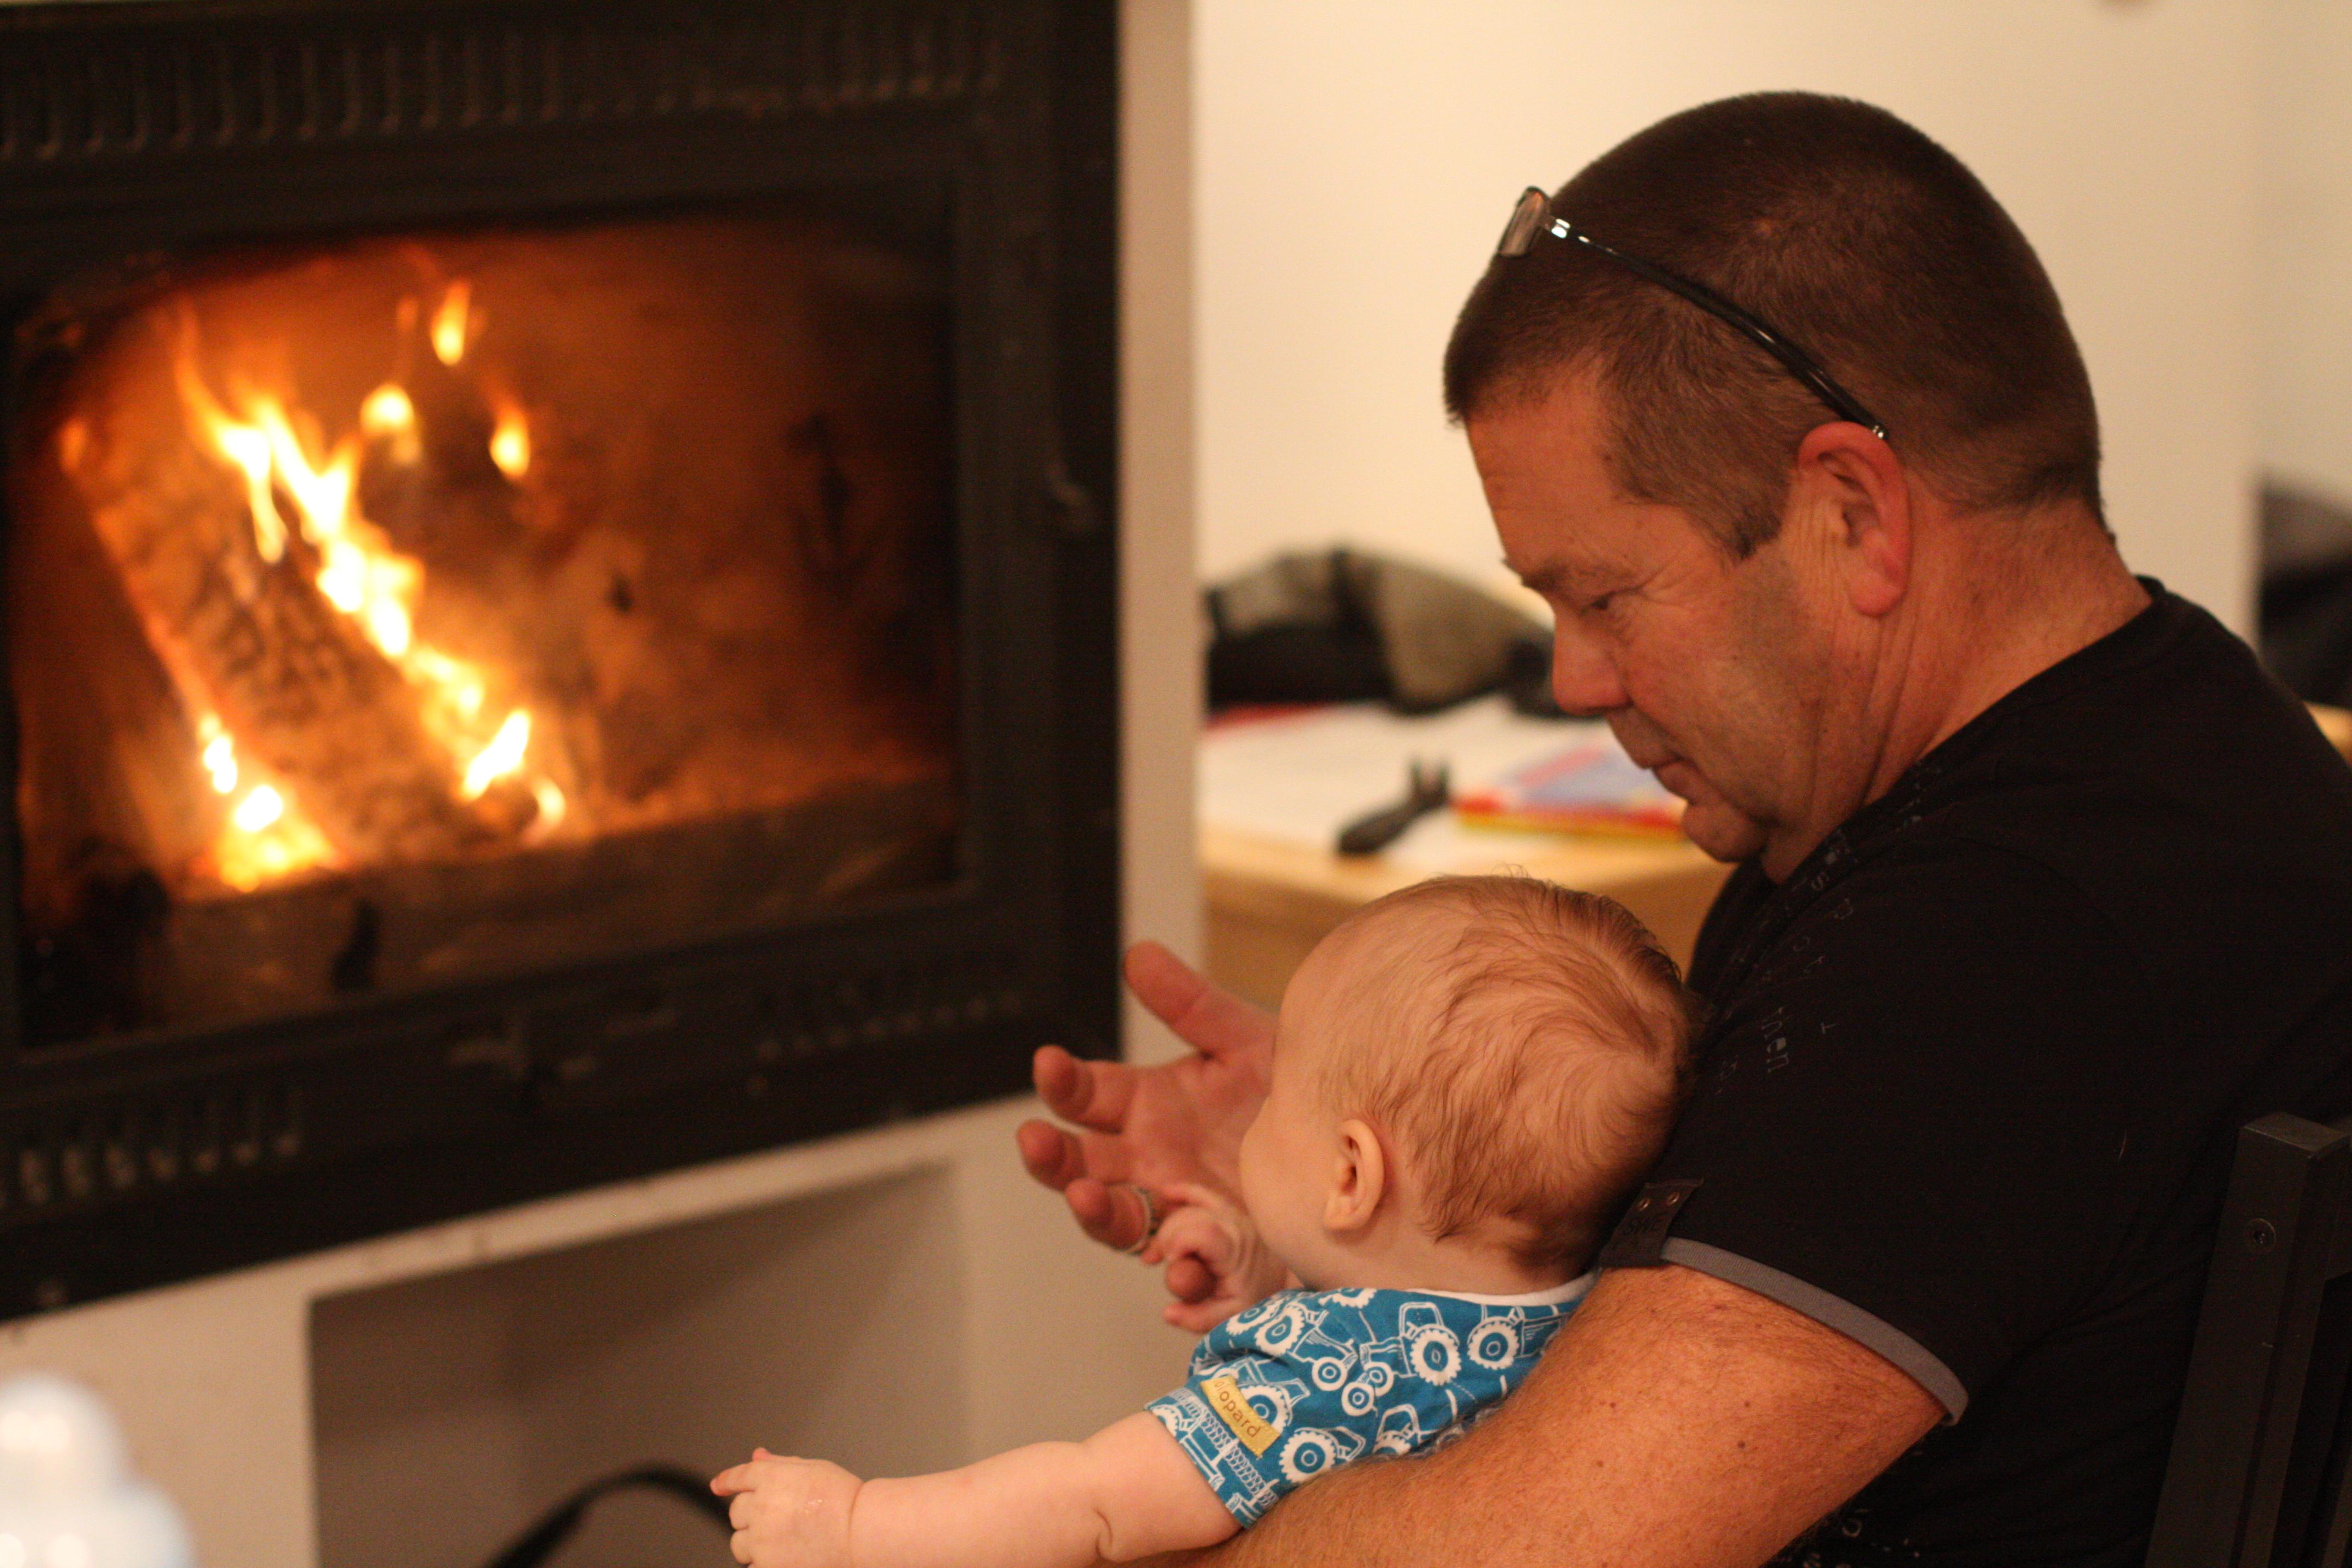 Sixten & Morfar betraktar brasan. Eld är förhäxande även för en 11 veckor gammal kille.